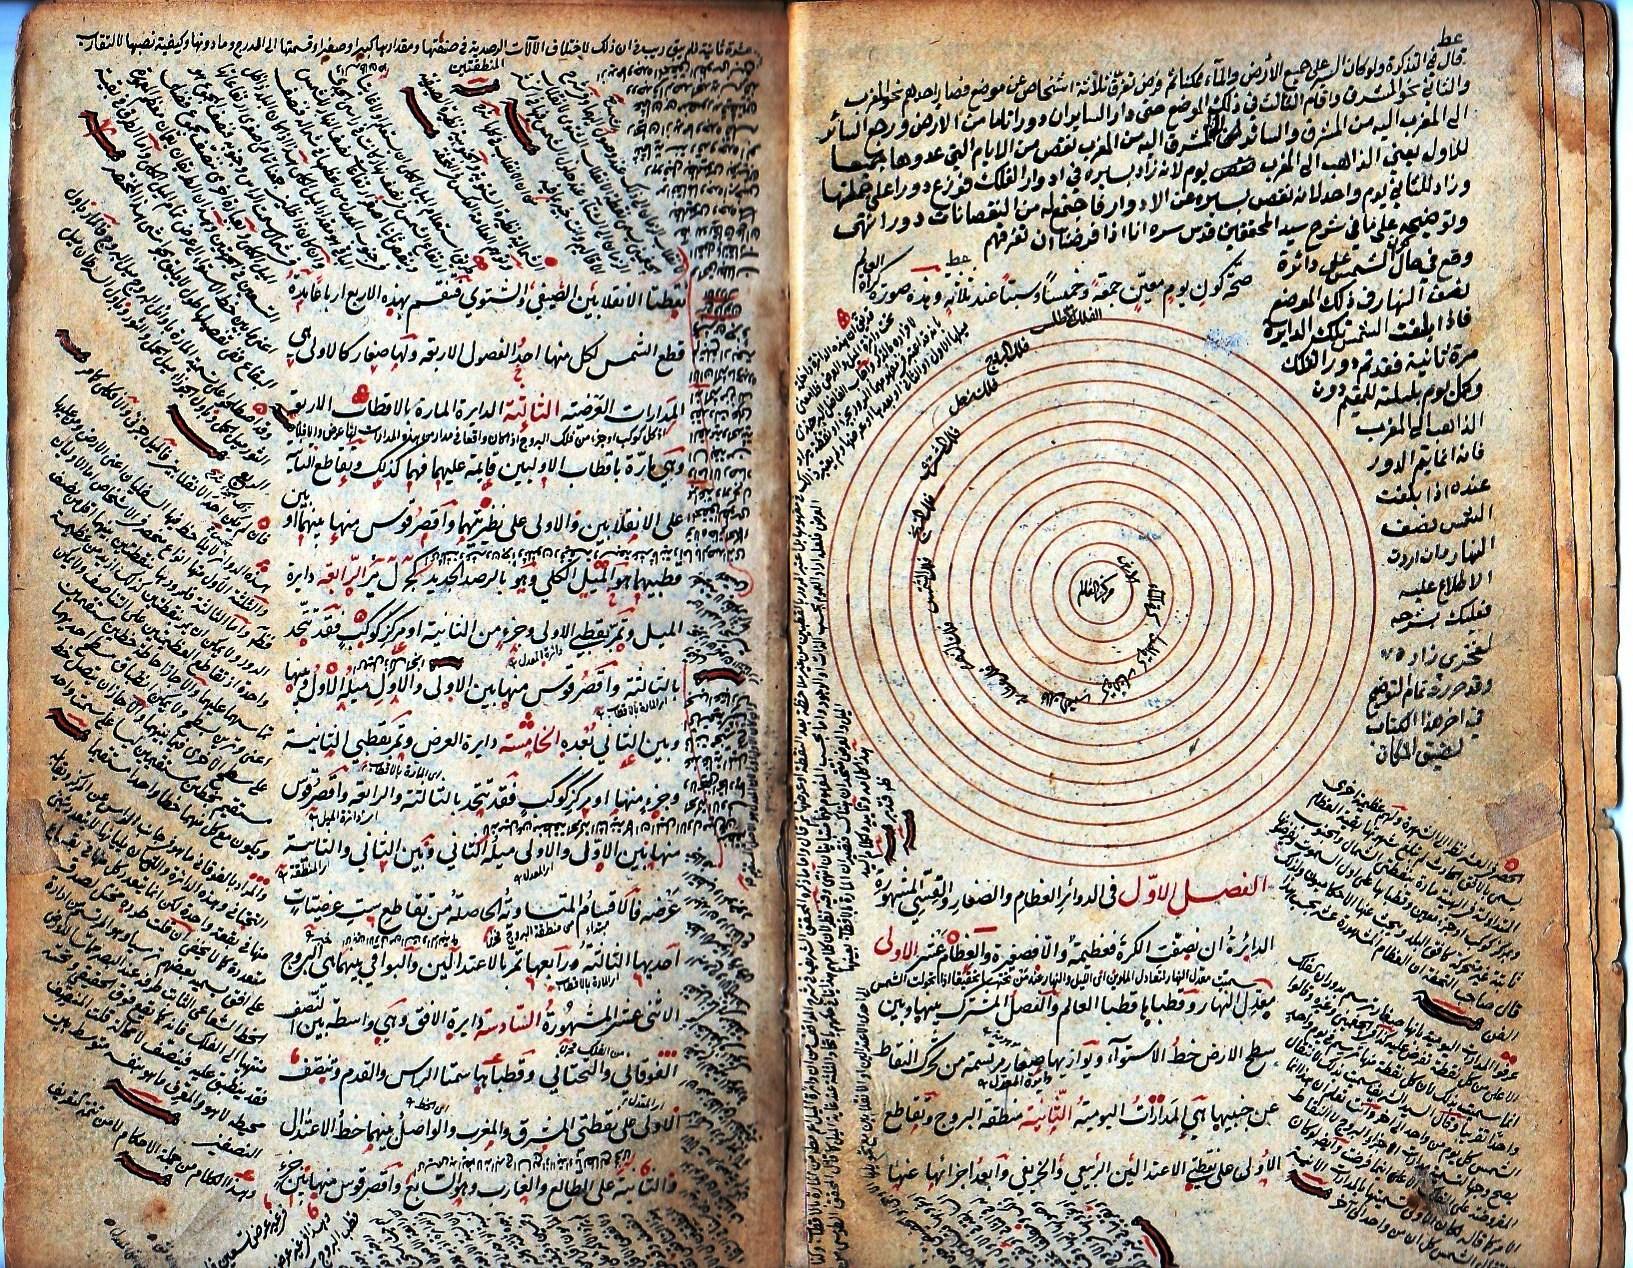 خط عربي ويكيبيديا